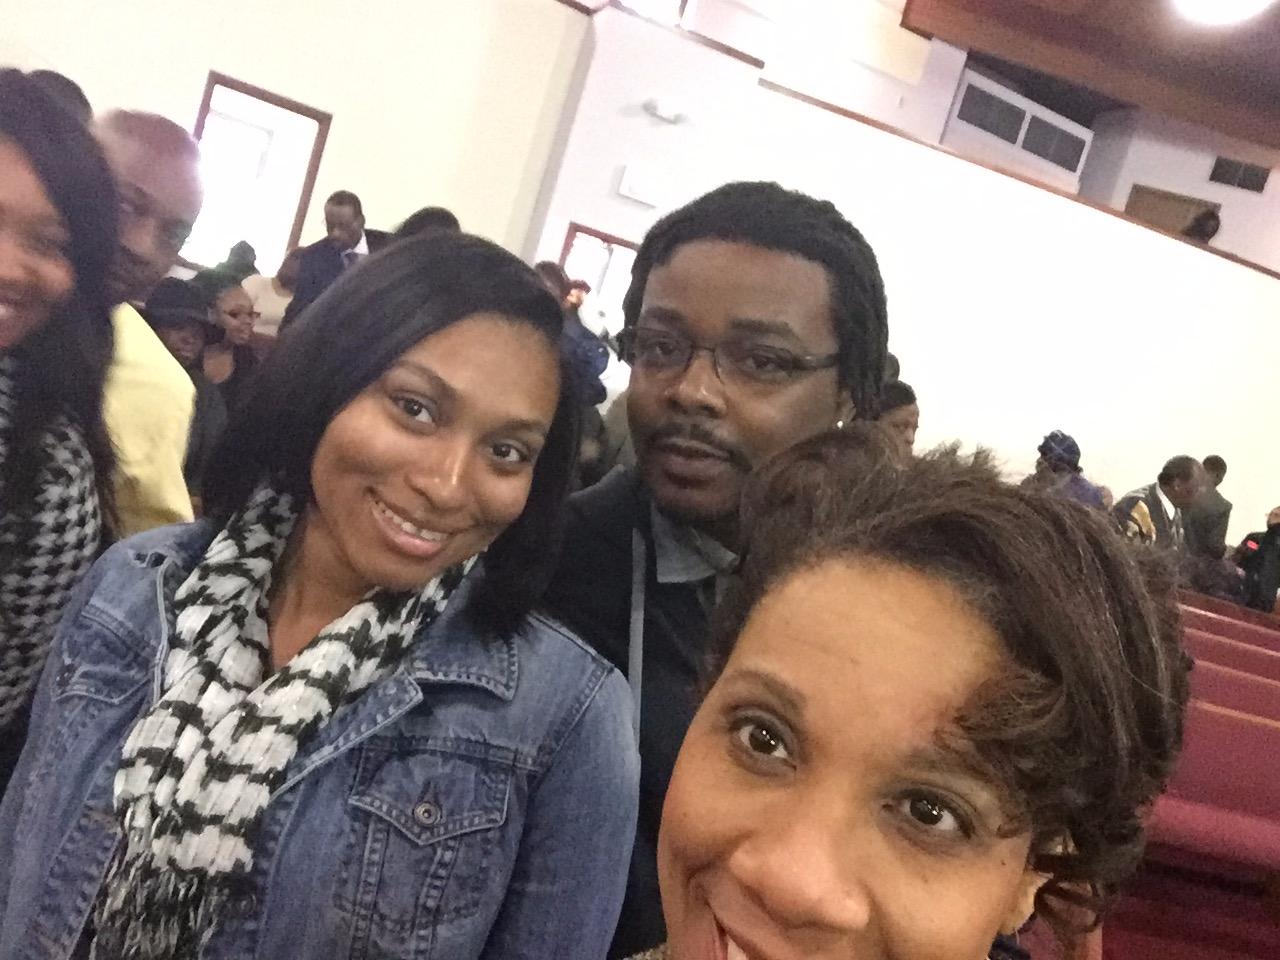 More church folks